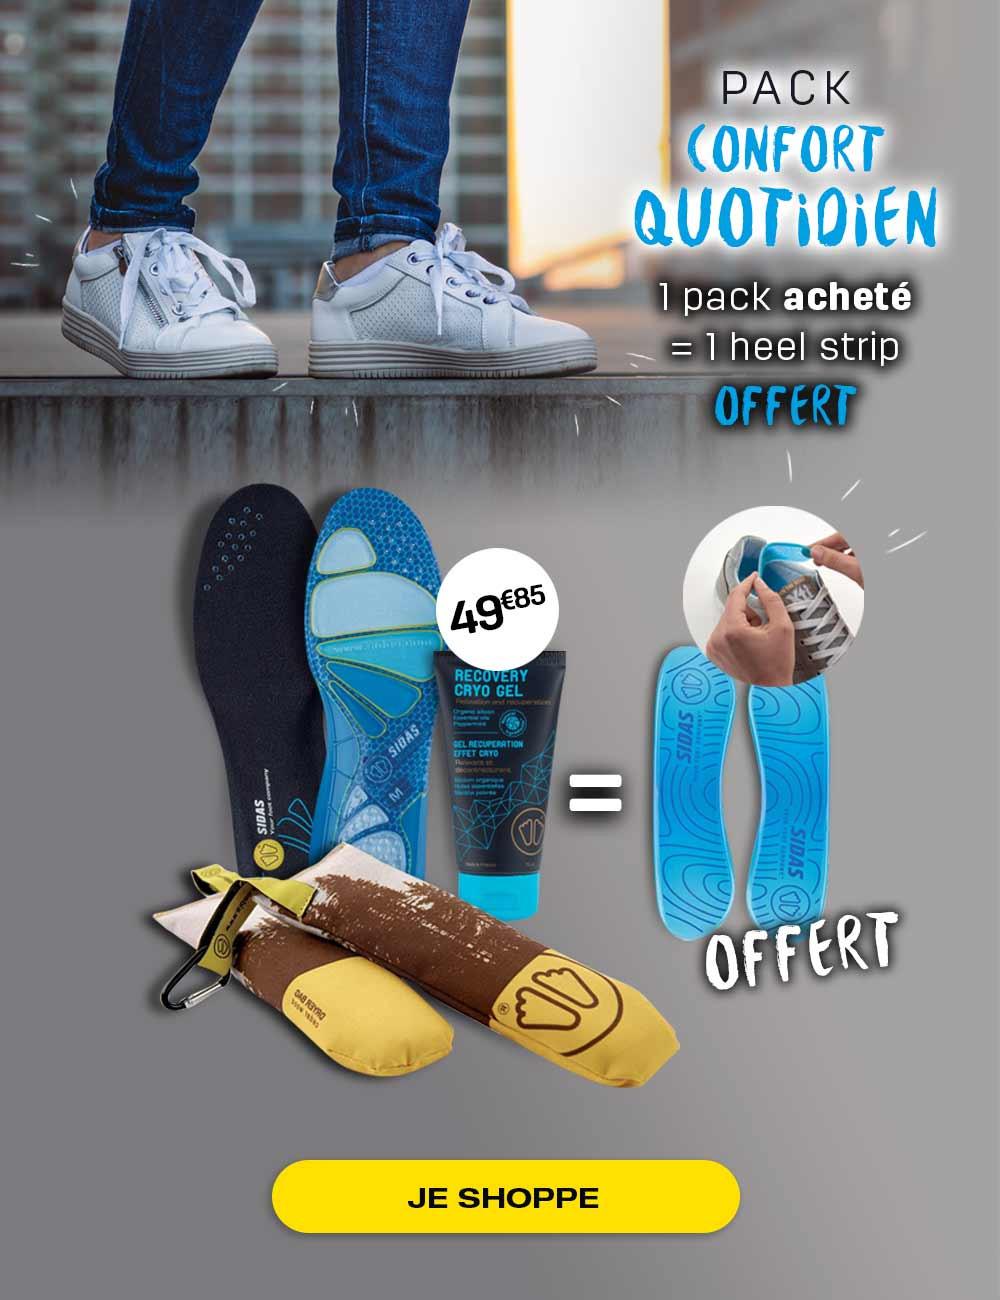 Découvrez notre pack confort quotidien, l'idéal pour le confort de vos pieds tous les jours !